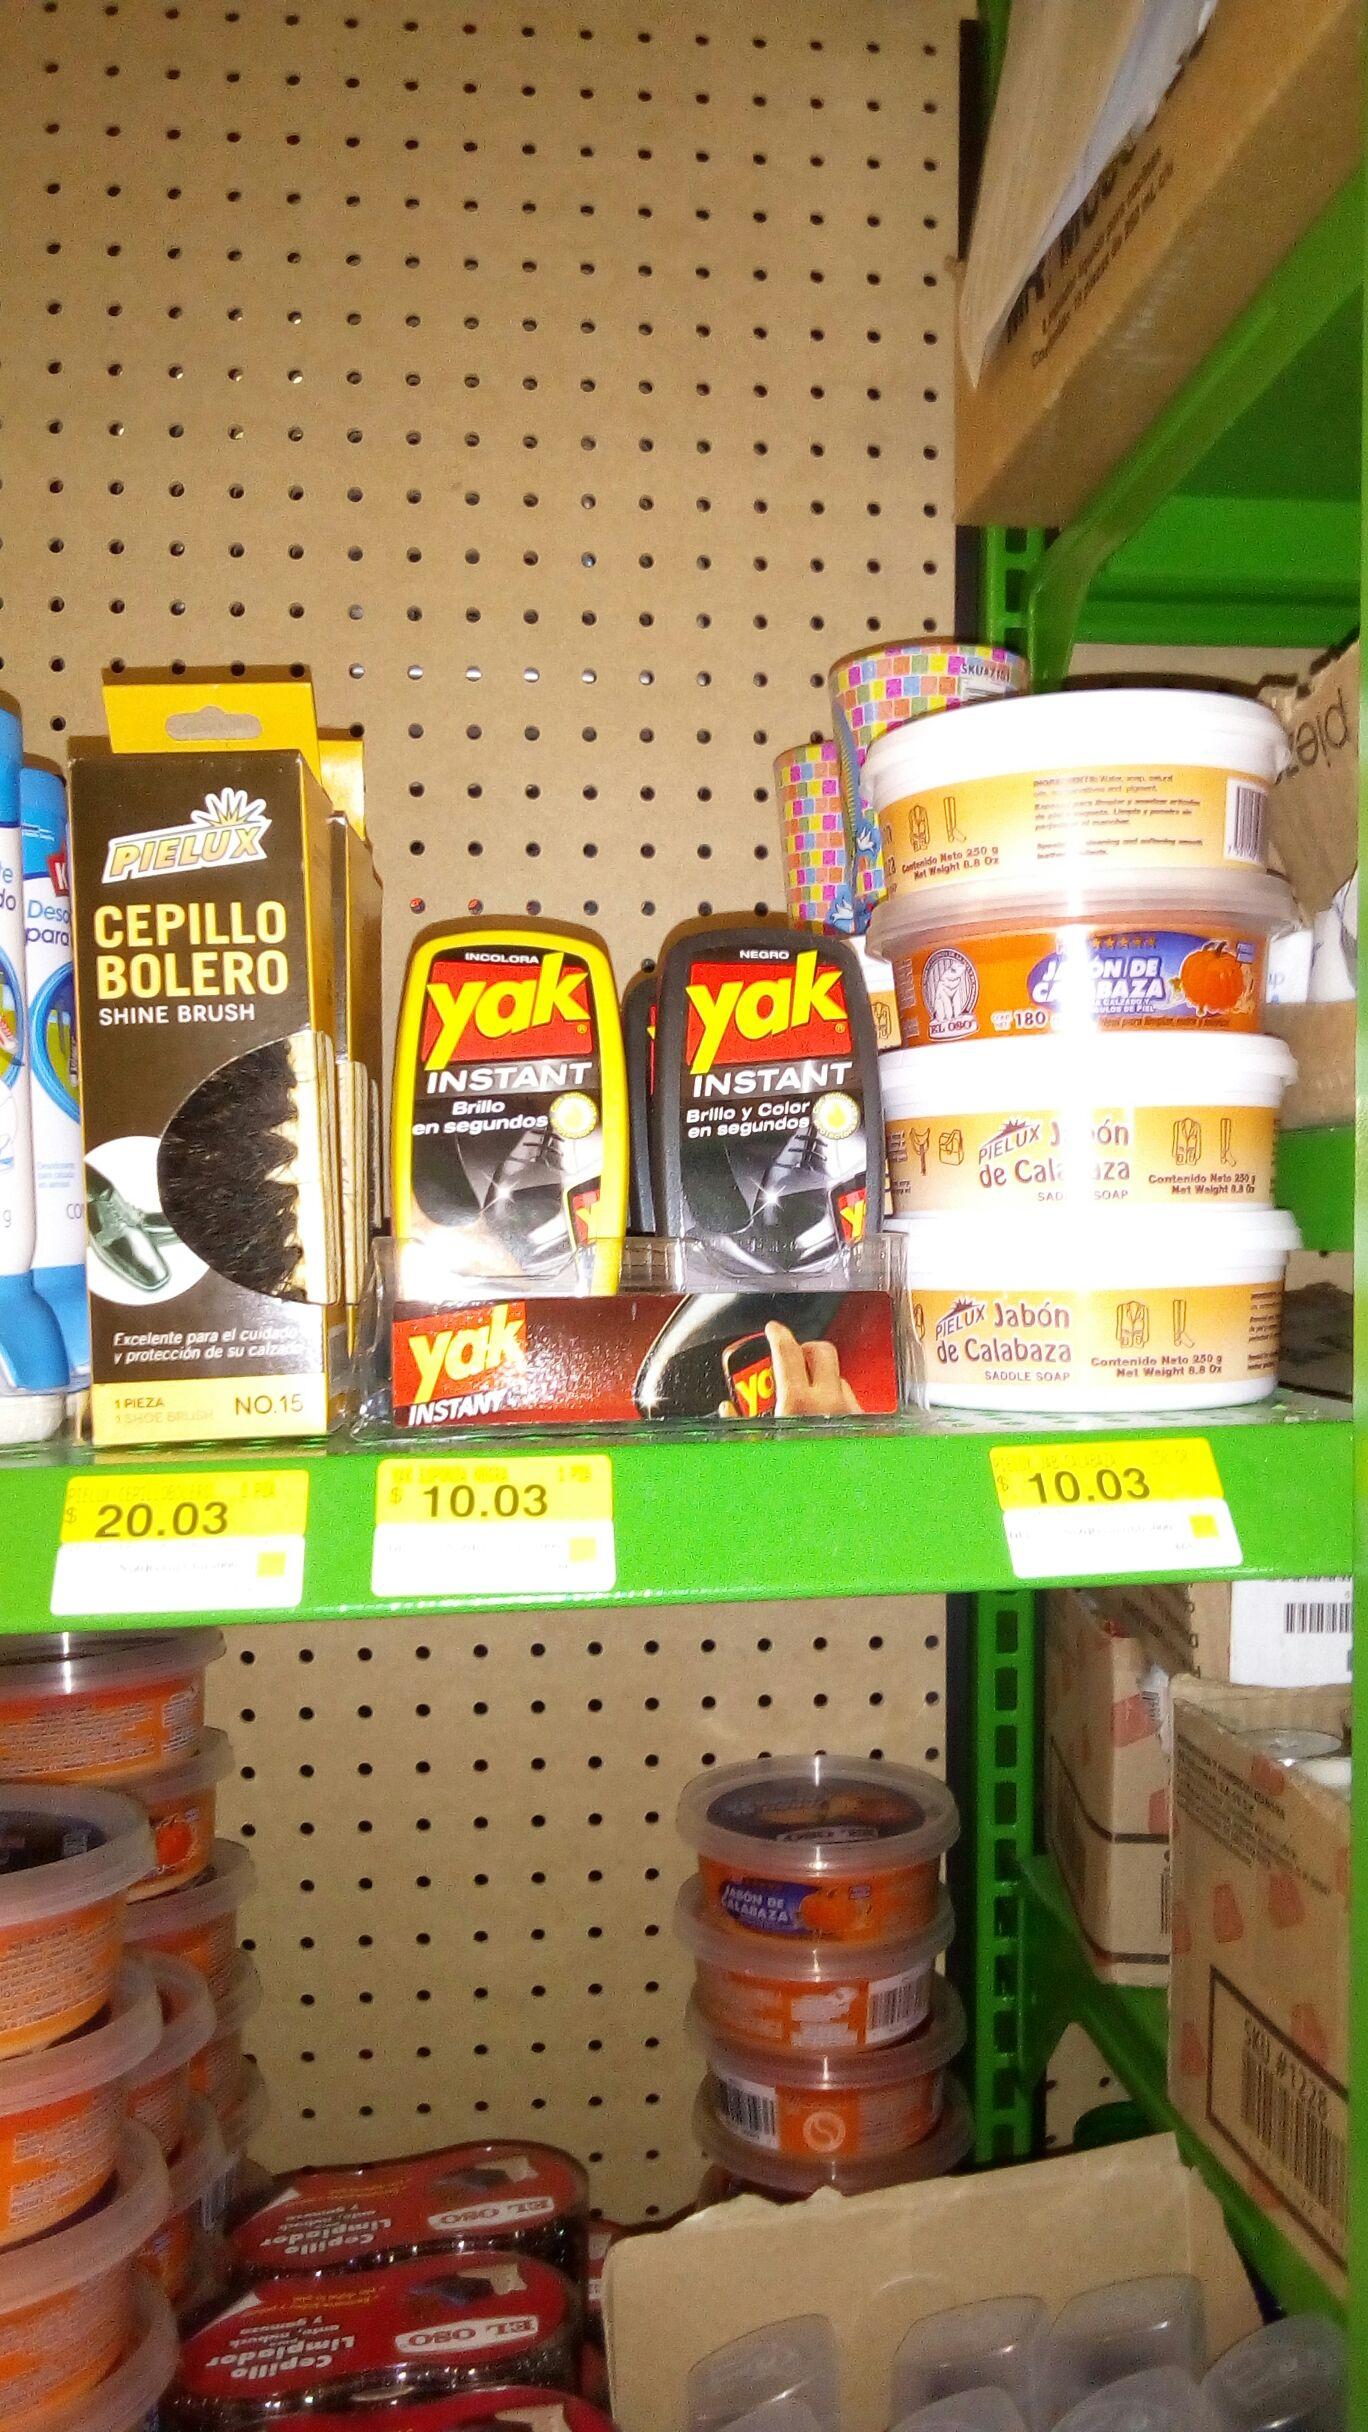 Bodega Aurrerá: Jabón de calabaza $5.02, cepillo 10.02 y esponjas